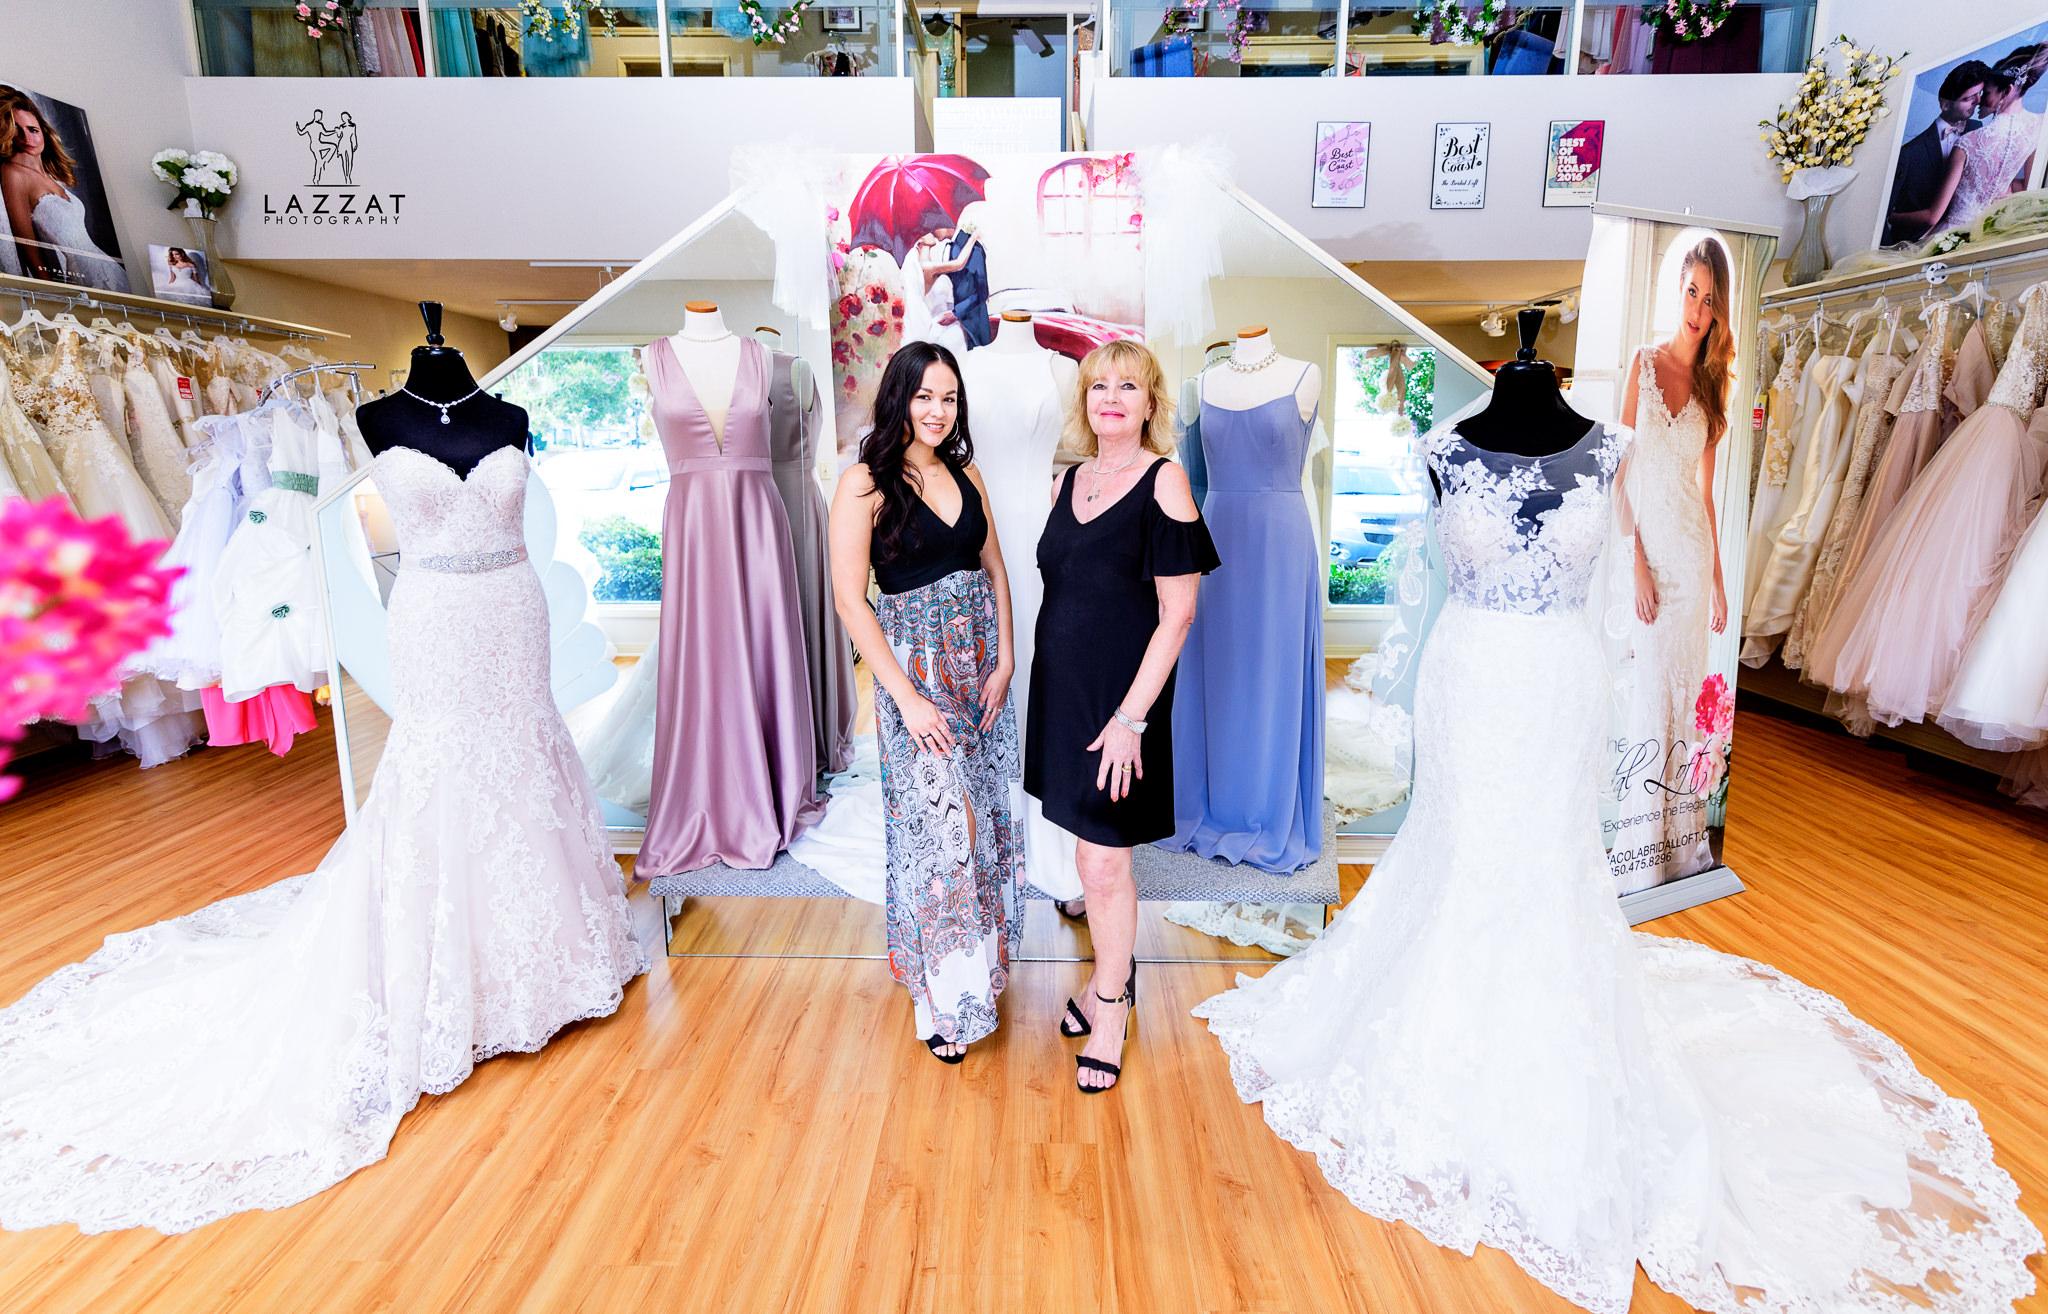 Ms. Brenda and Ms. Brandi in the Bridal Loft 2